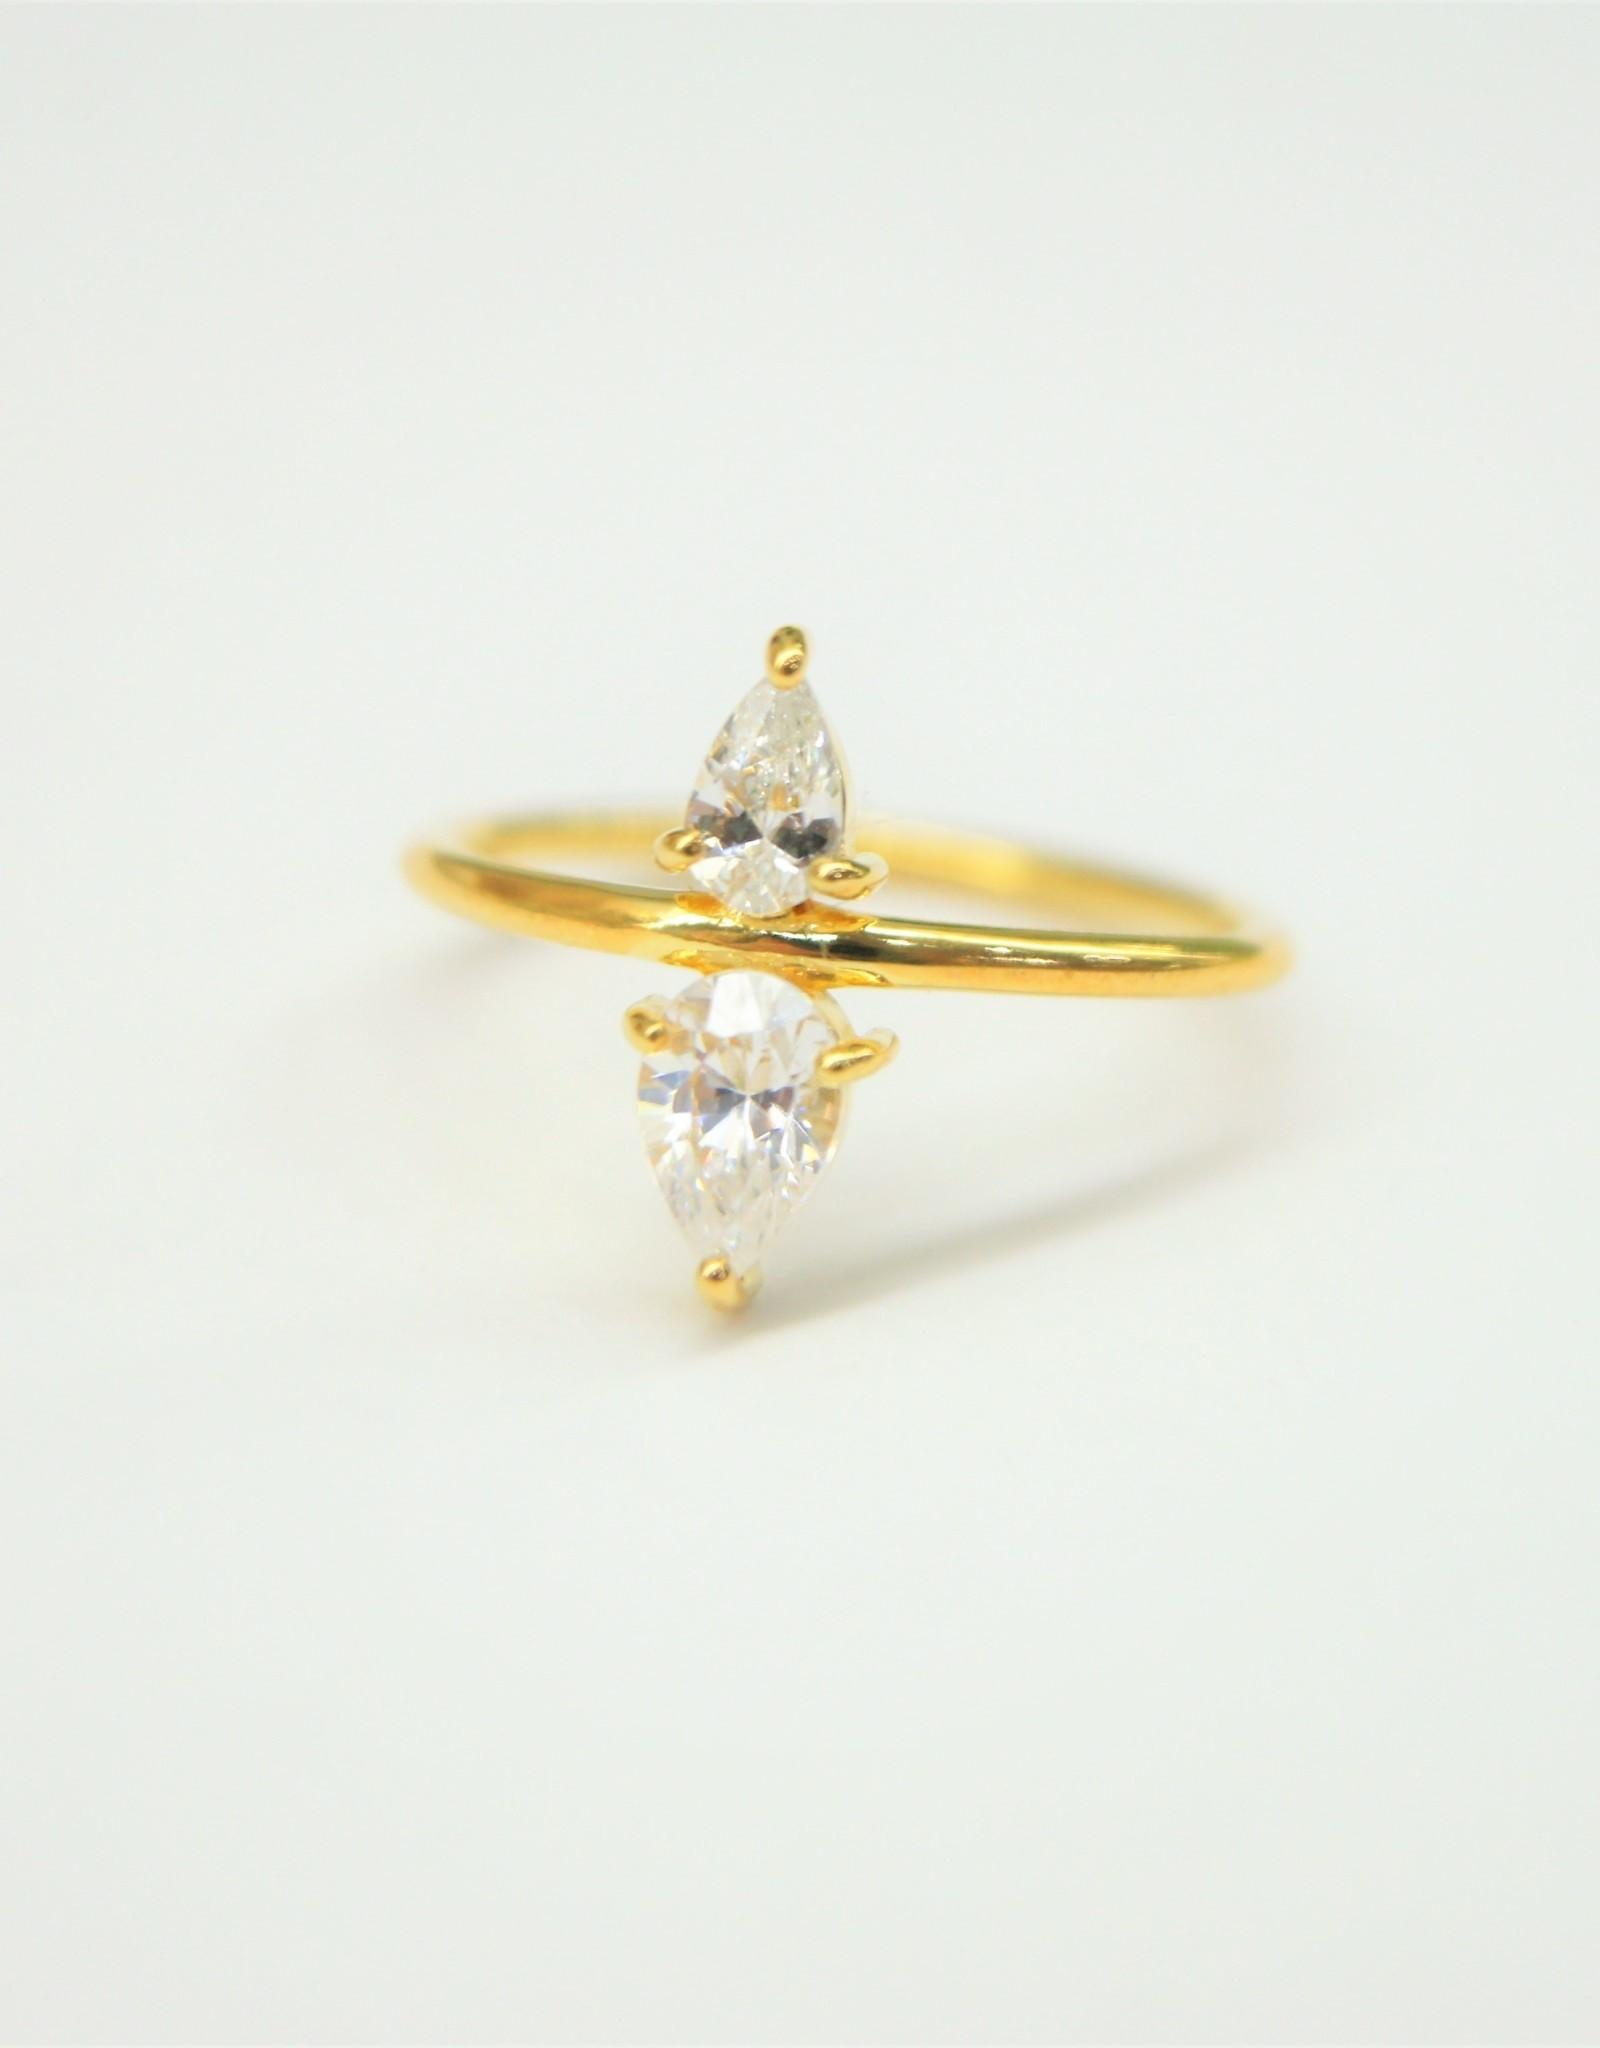 Tashi 2 Cubic Zirconia Pears Ring